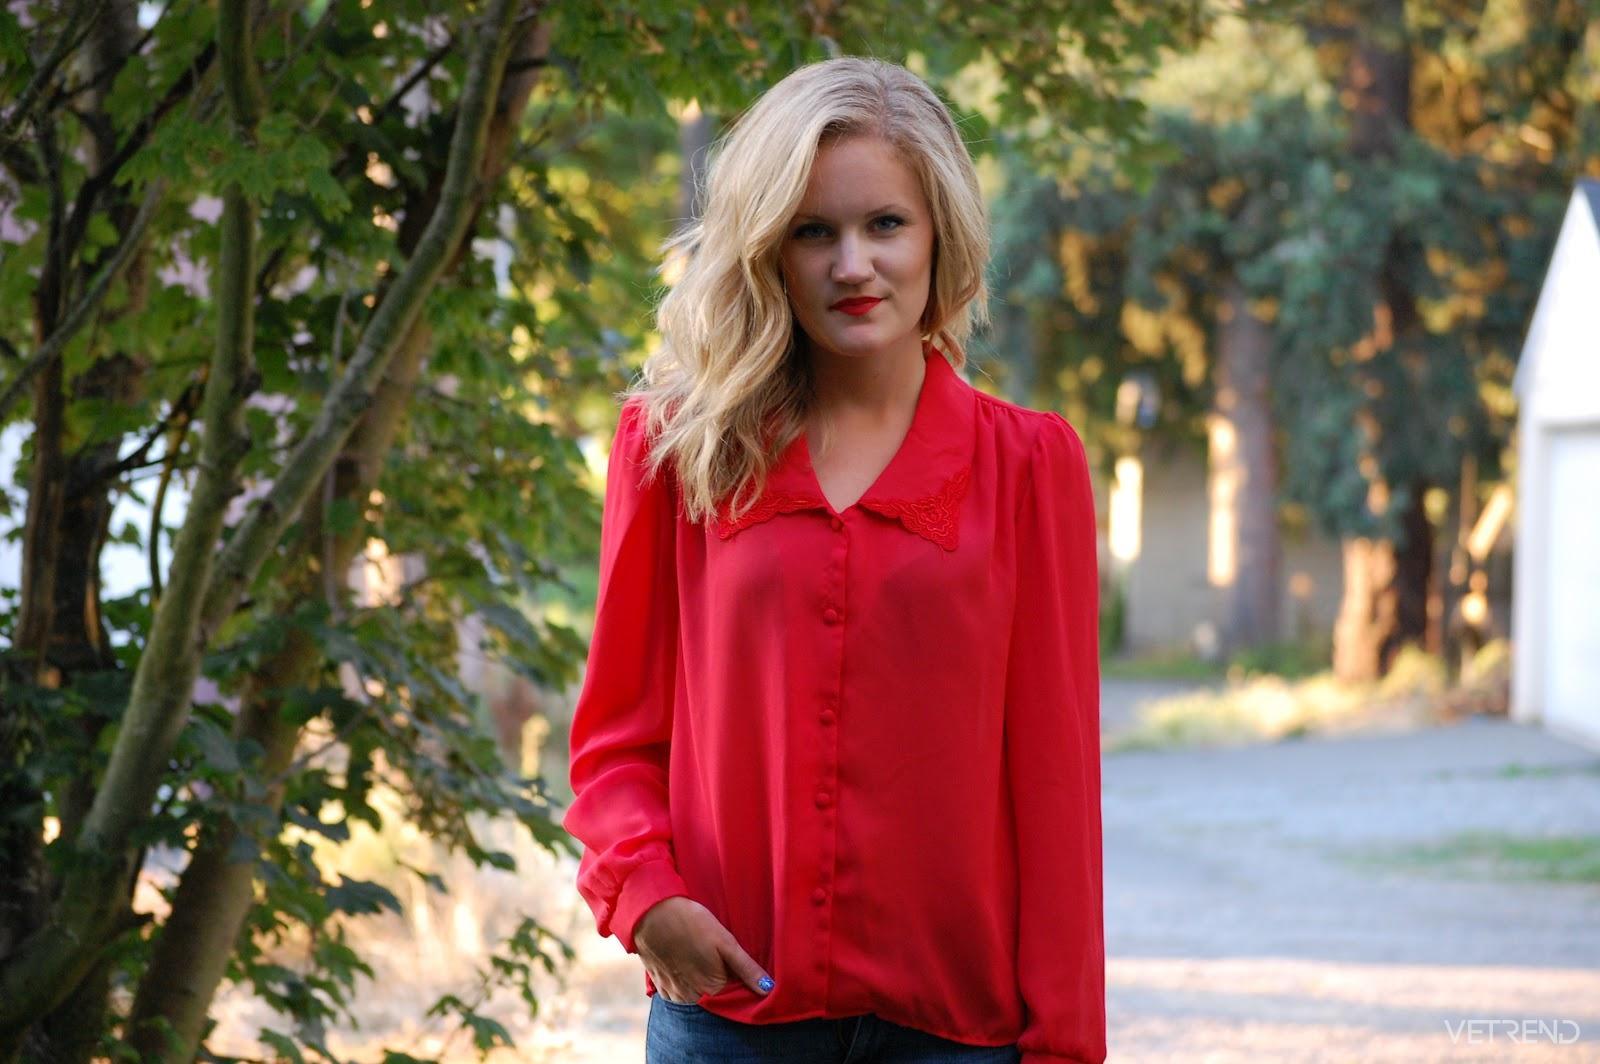 Rüyada Kırmızı Gömlek Giyen Kadın Görmek